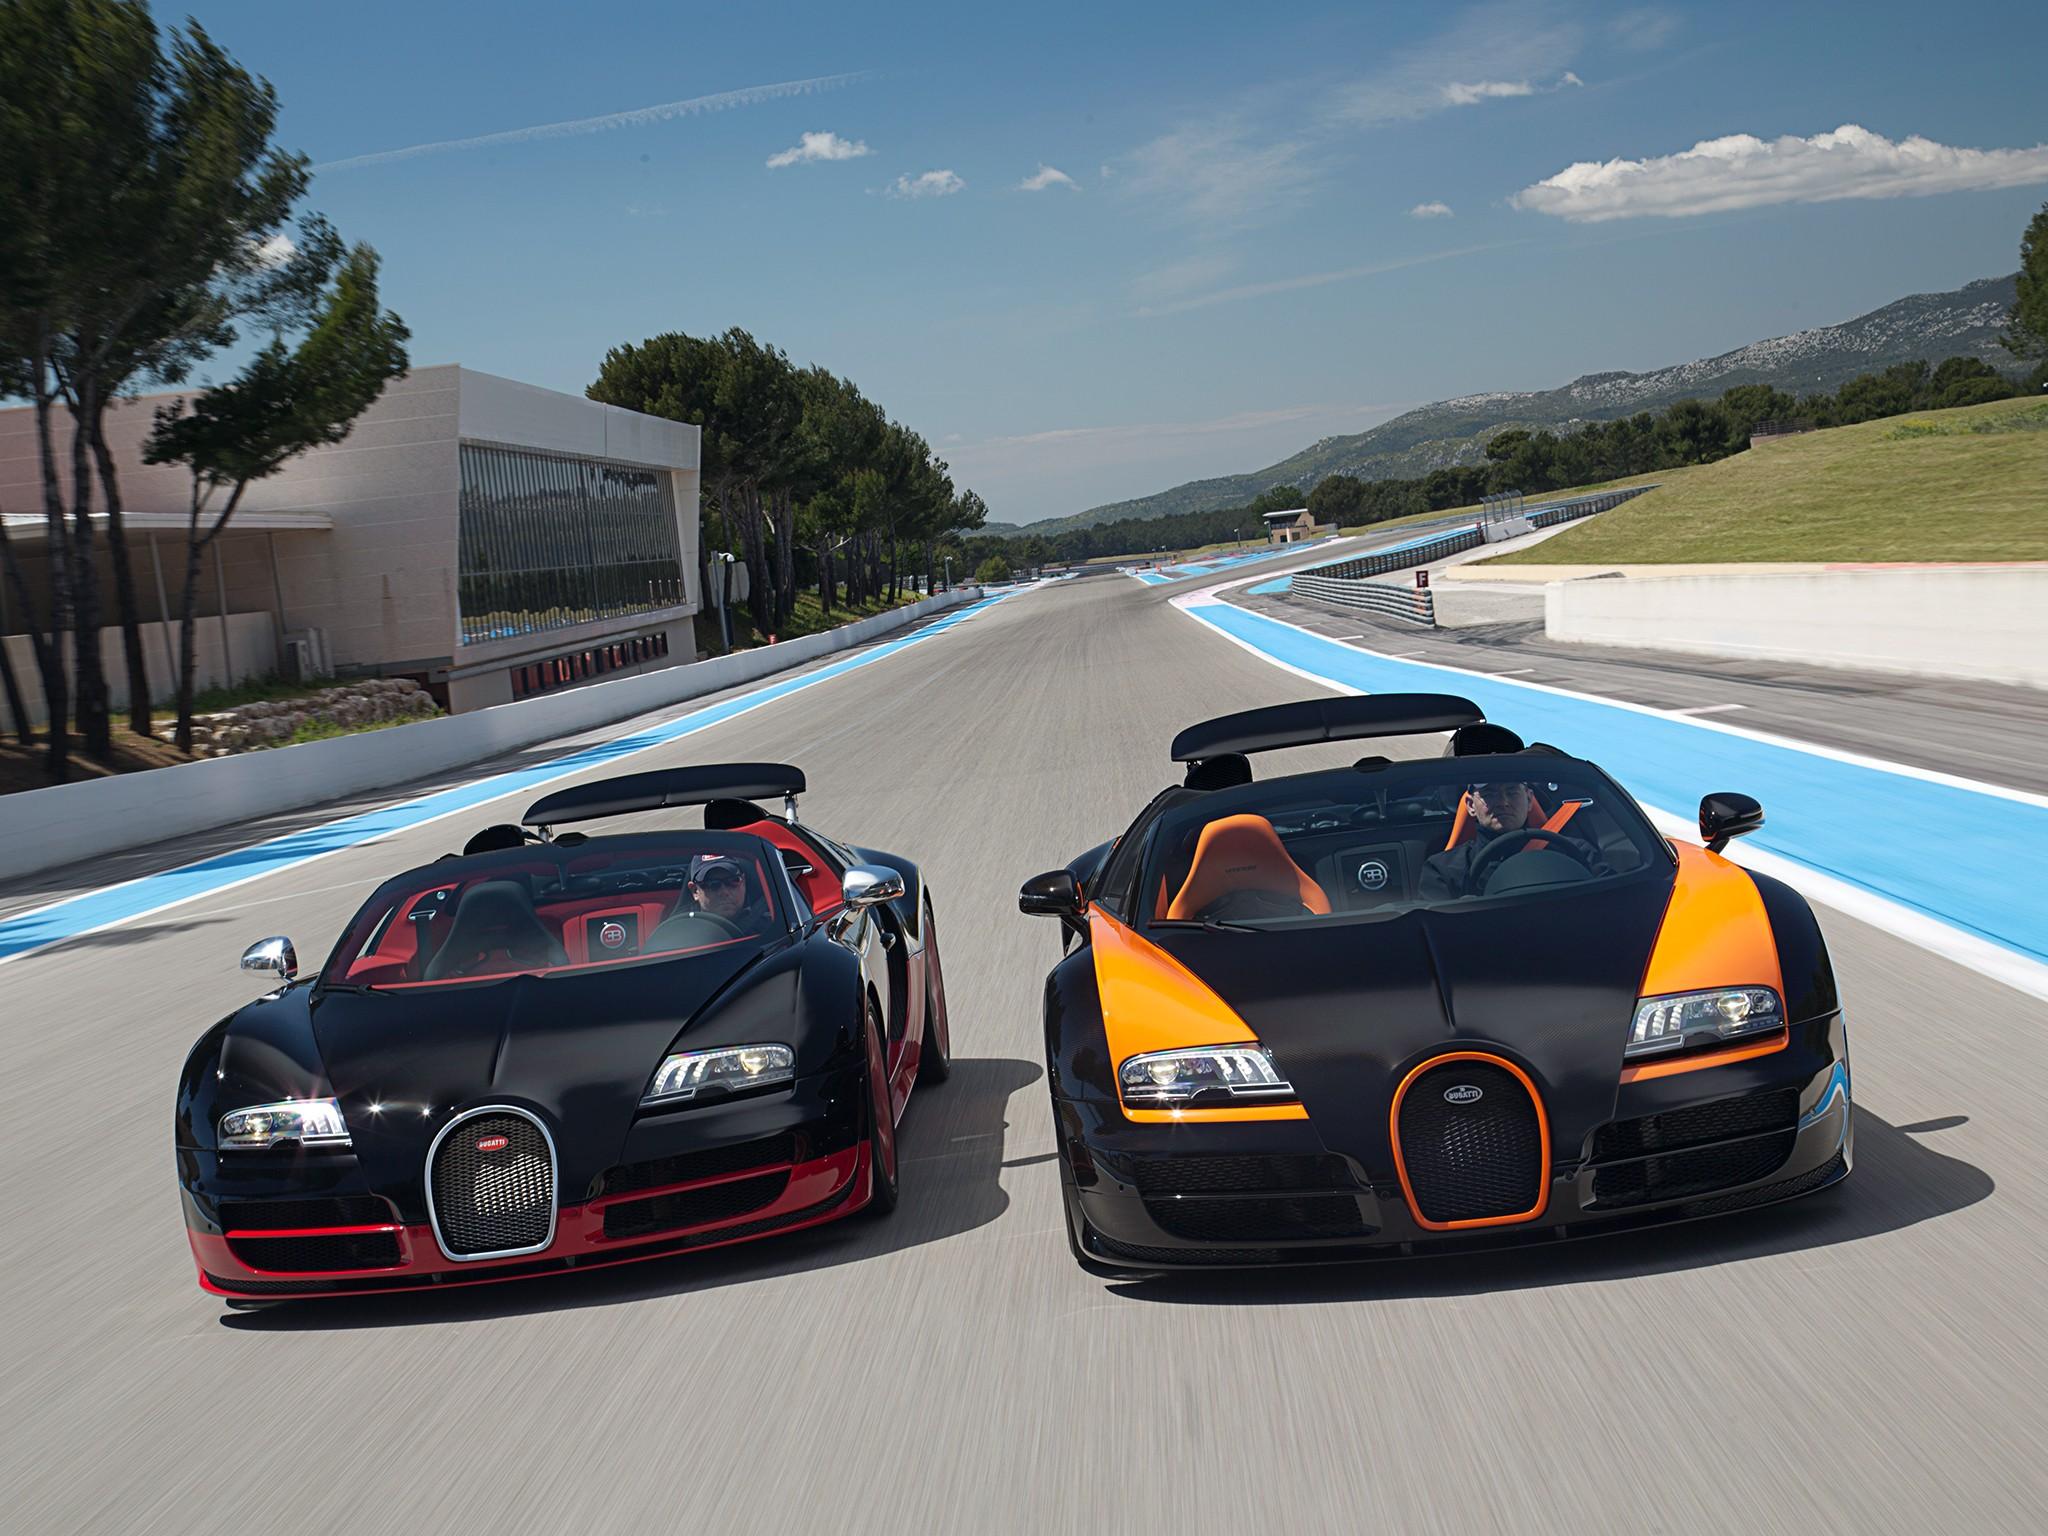 Bugatti Veyron Wallpaper 17 - 2048x1536